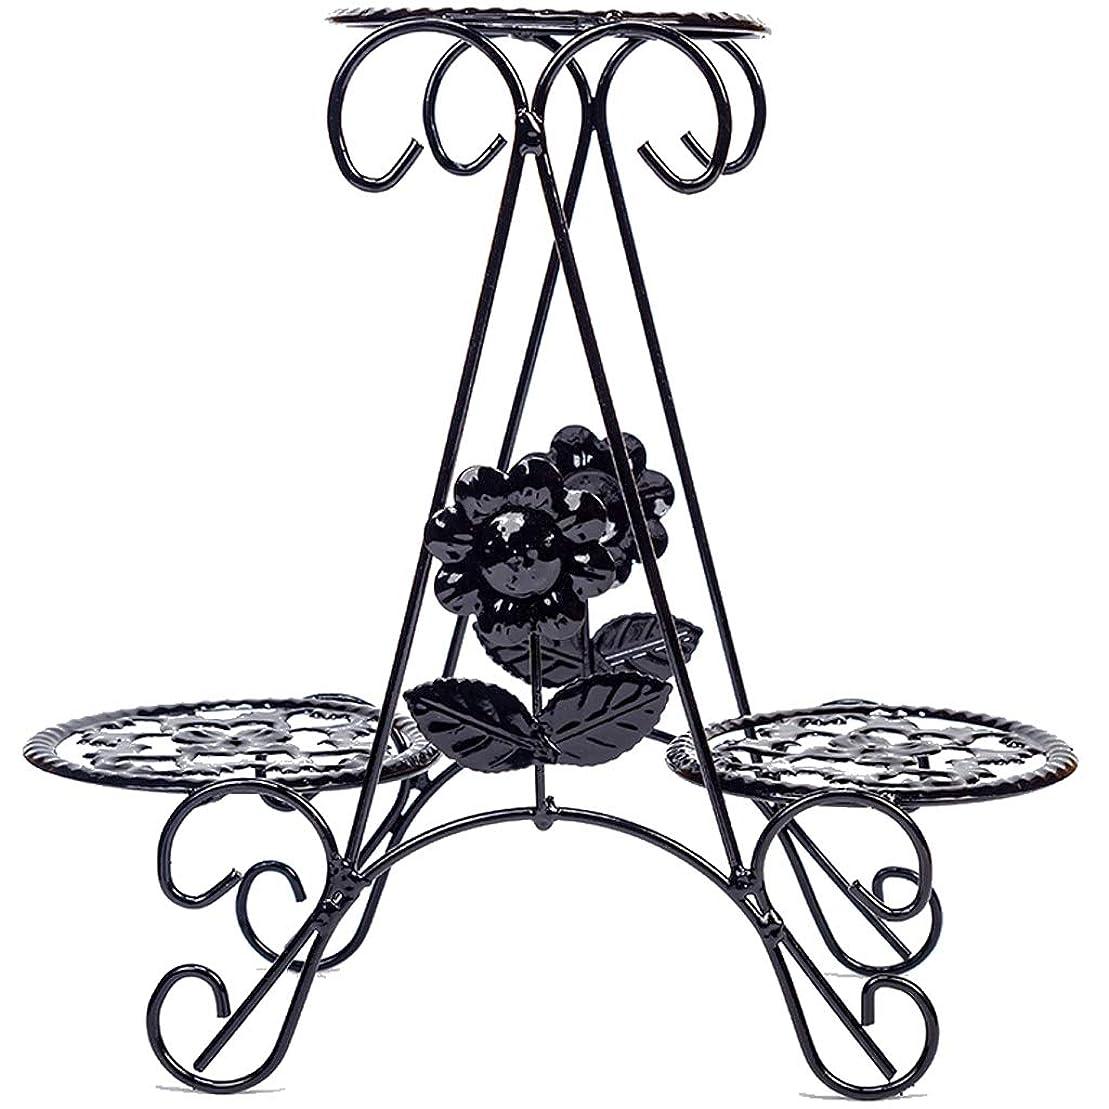 解体する行商上ミニメタルアイアンフラワーポットディスプレイラックマルチティアプラントスタンド棚エレガントなデザインフロアシェルフオフィスデスクトップバルコニー装飾(ブラック)